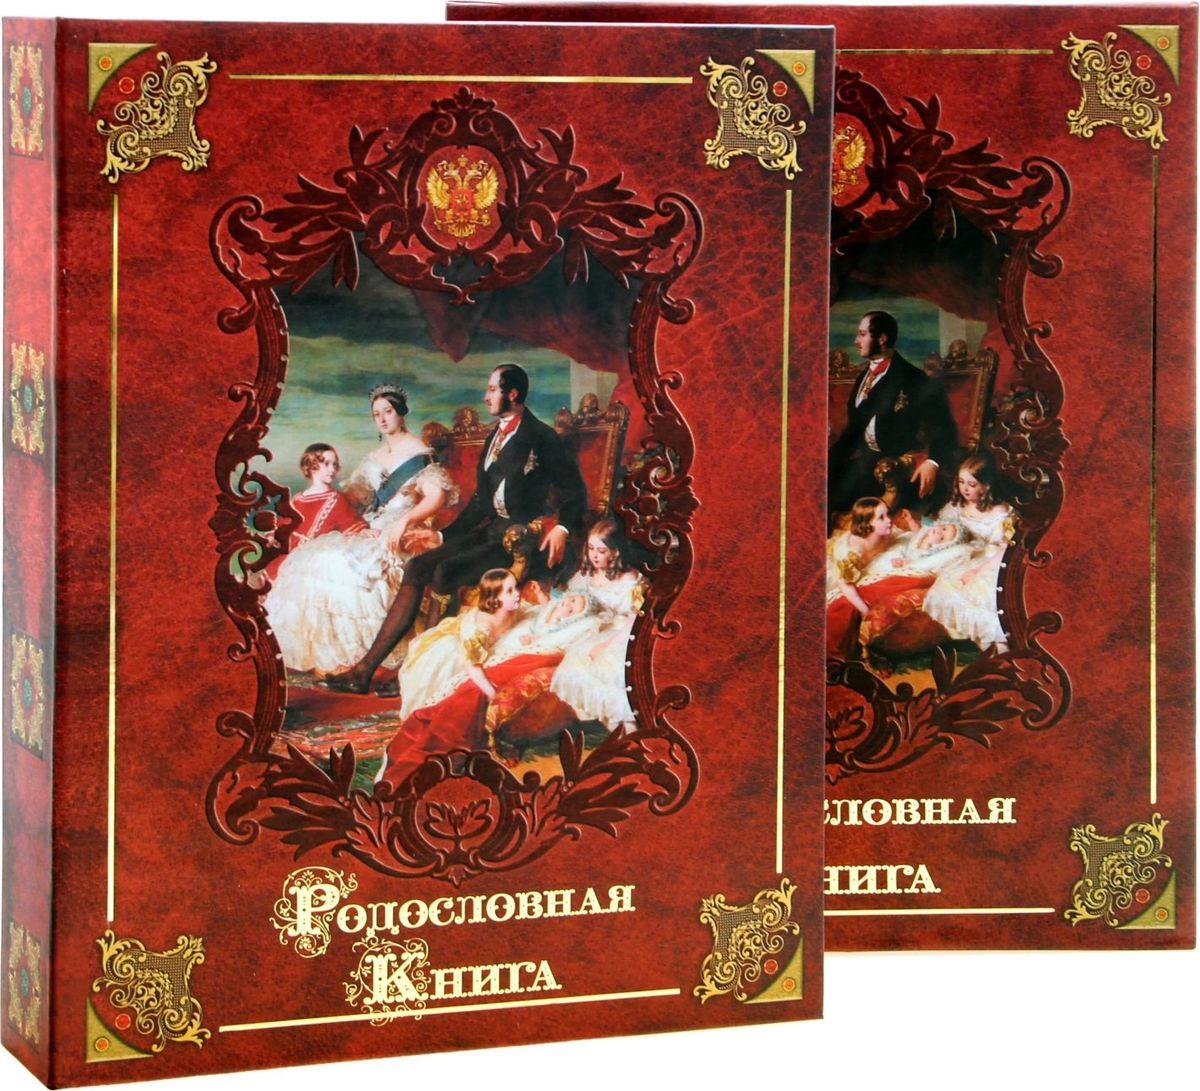 Родословная книга Память на века, 24 х 31 х 6,1 см книга родословная купить в екатеринбурге